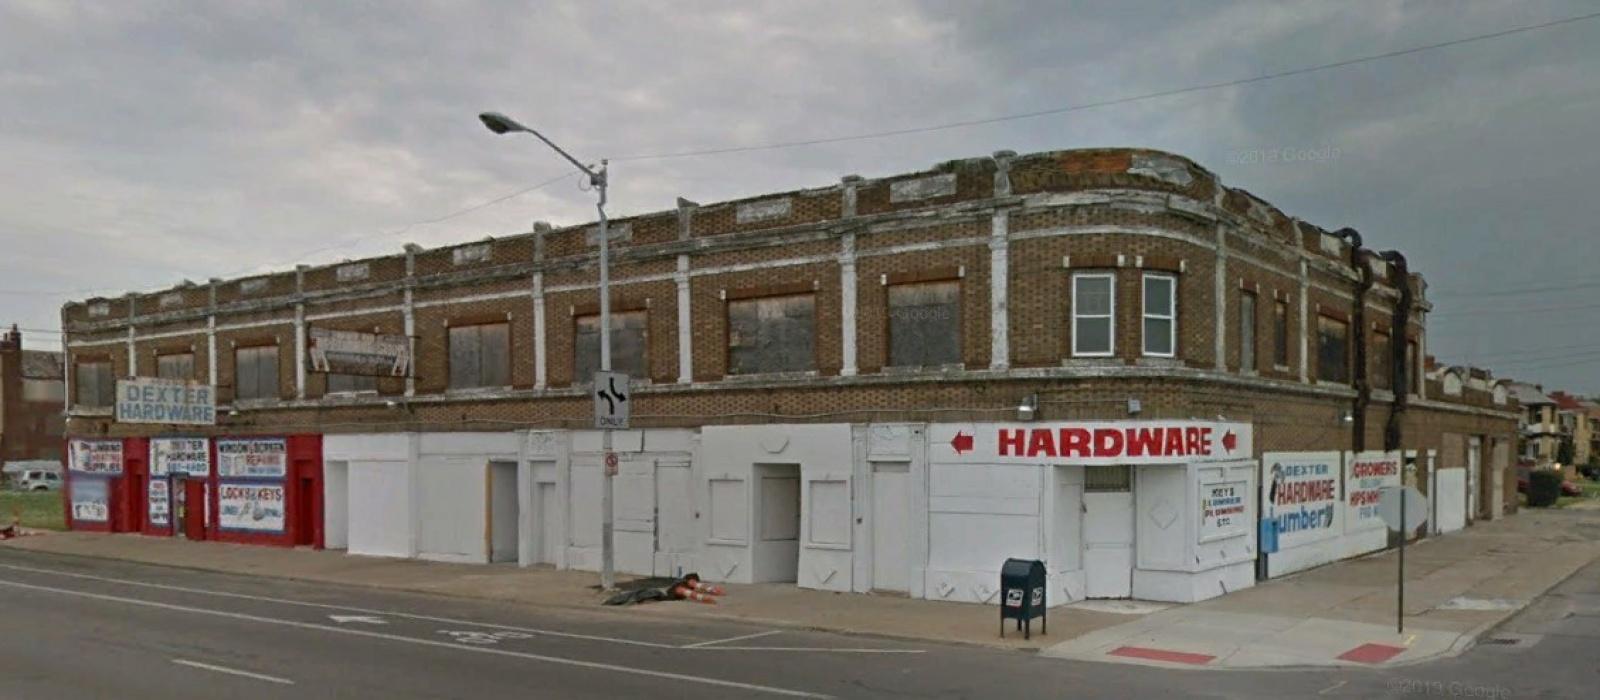 10300 Dexter Ave, Detroit, Michigan 48206, ,Multi-Use,For Sale,10300 Dexter Ave,1001